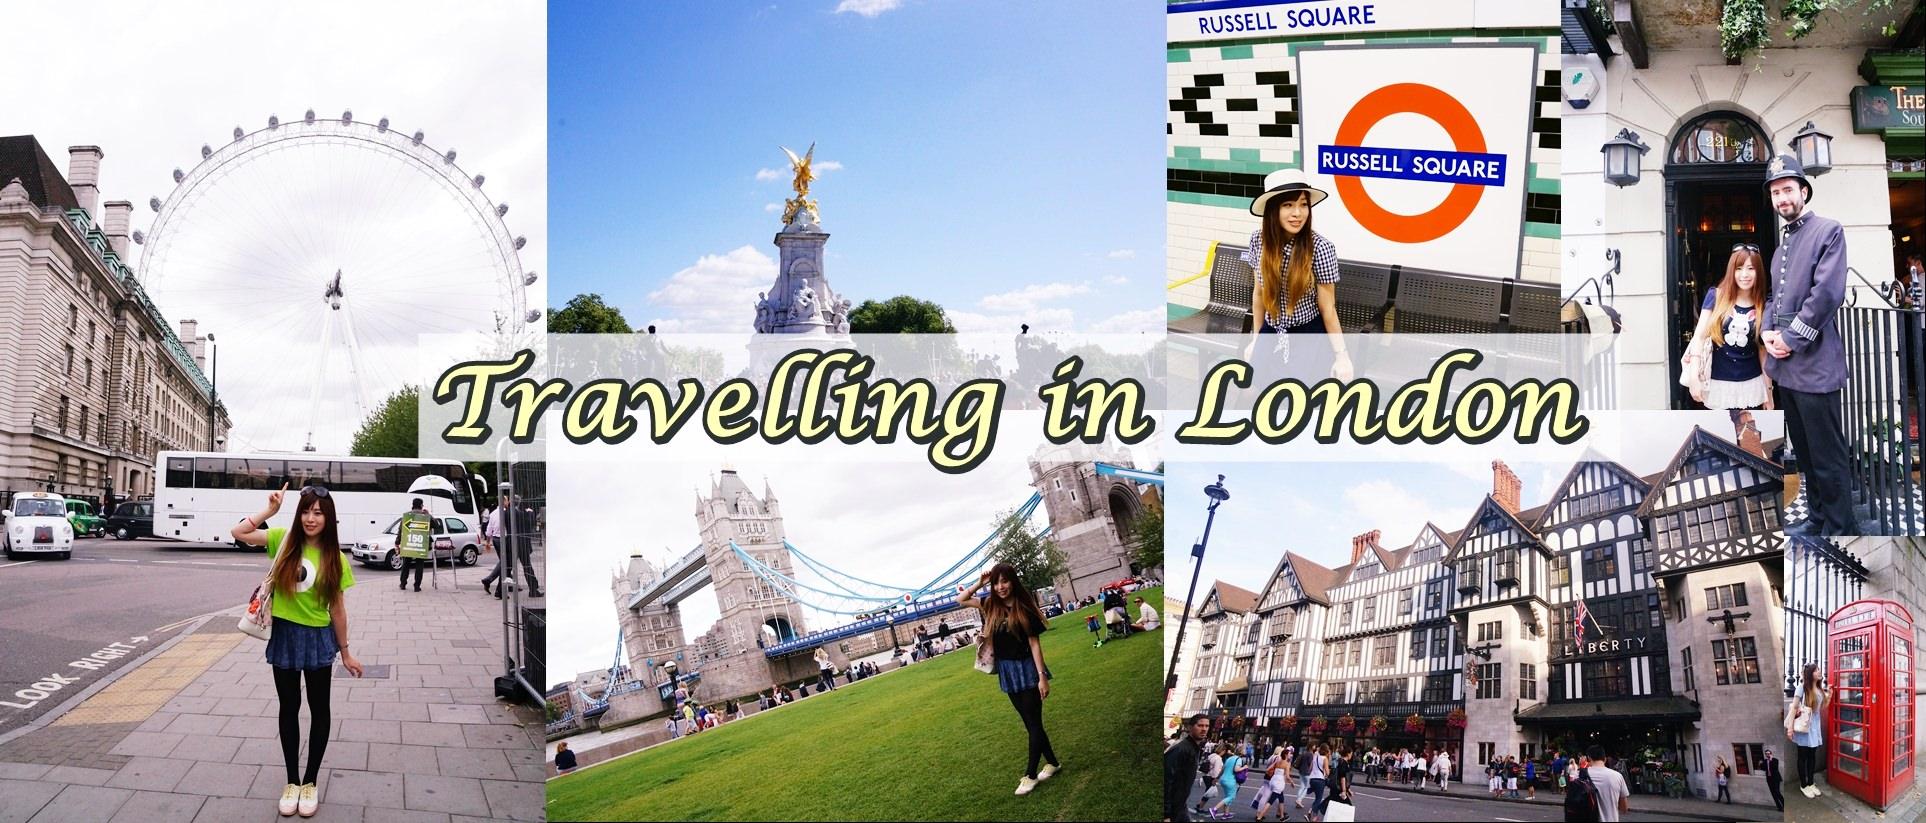 倫敦推薦景點